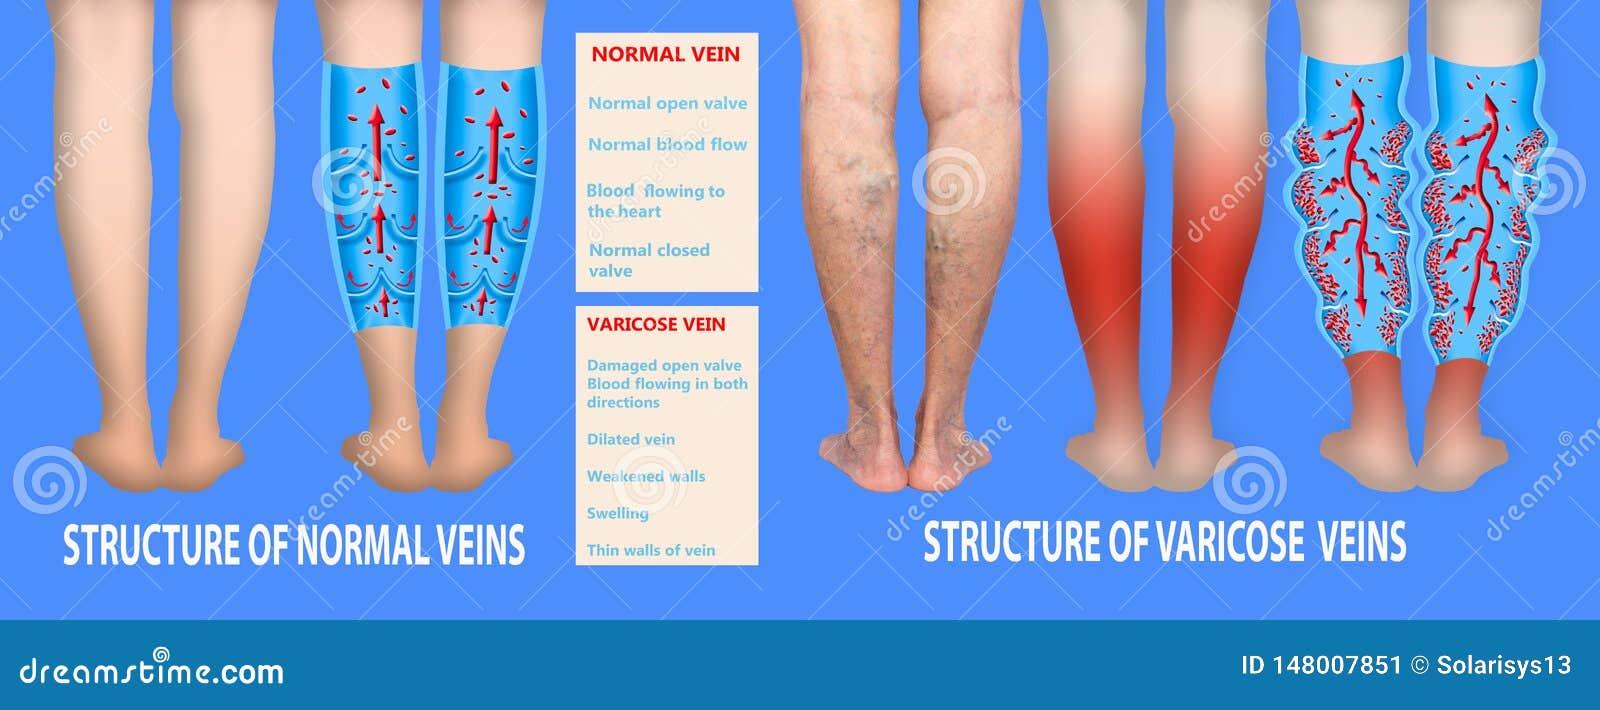 Veias varicosas no p?s superiores f?meas A estrutura das veias normais e varicosas